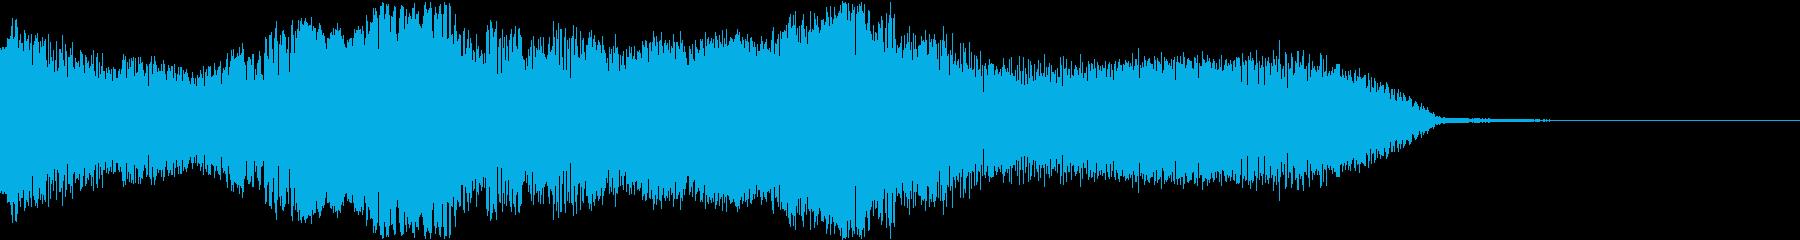 ブルガリアンボイスによるジングル  の再生済みの波形